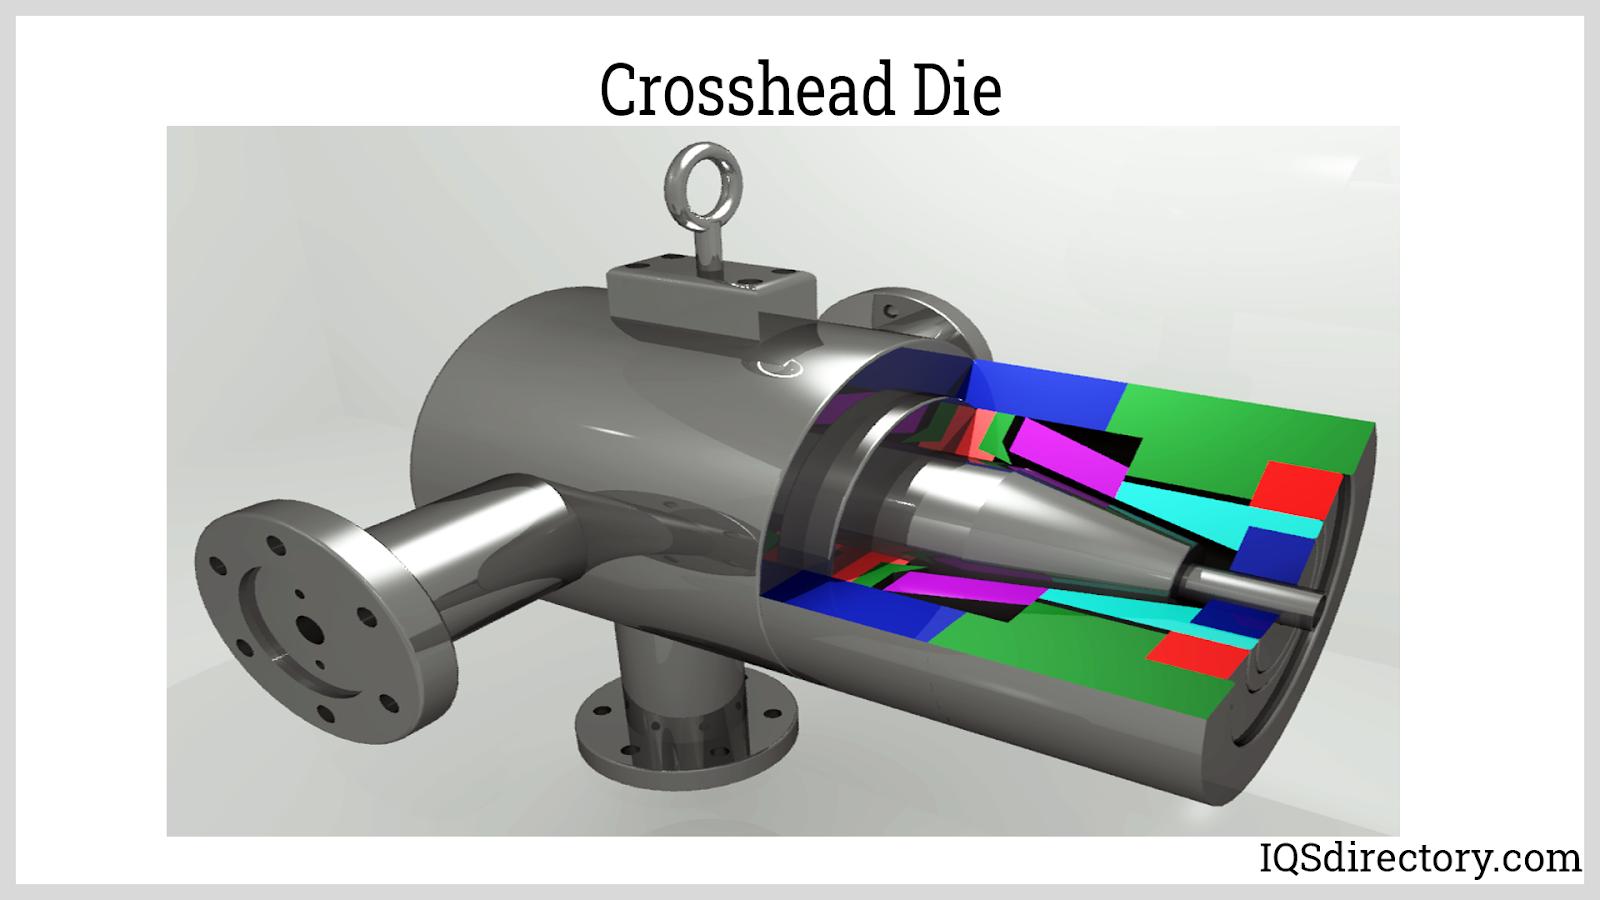 Crosshead Die